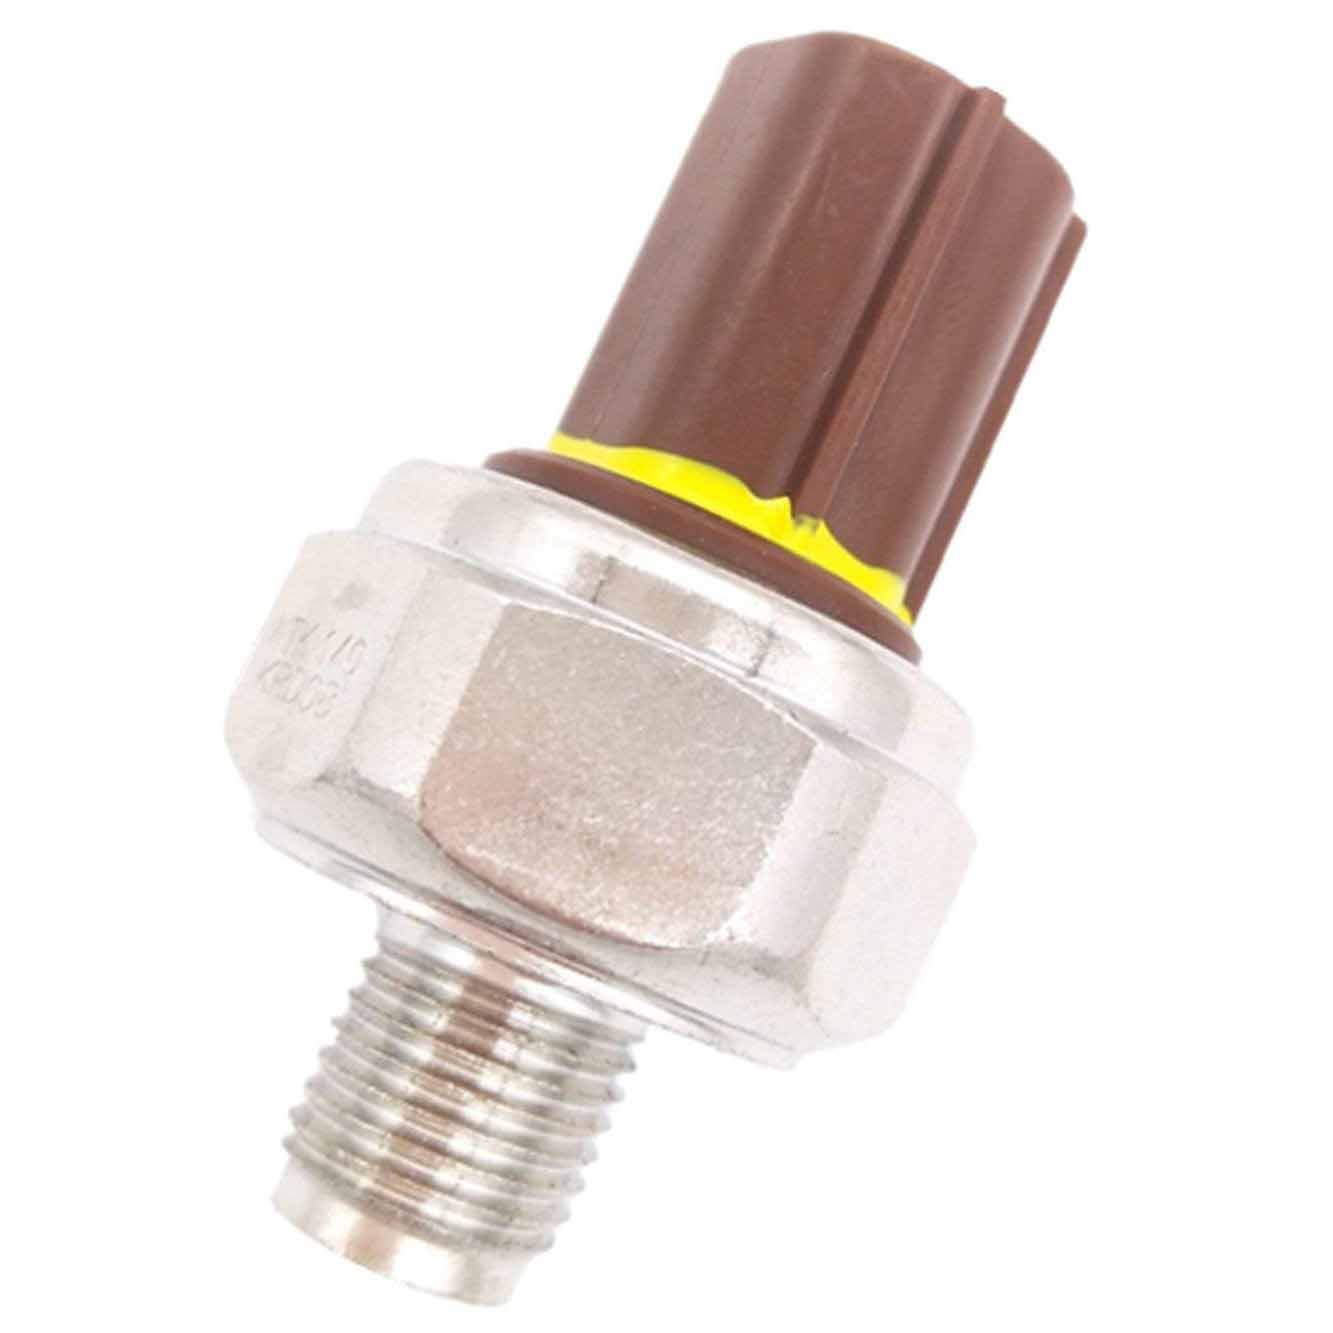 Engine Ignition Knock Knock sensor for 2005 Civic 1.7l-l4 30530-pwa-014 30530pwa014Engine Ignition Knock Knock sensor for 2005 Civic 1.7l-l4 30530-pwa-014 30530pwa014